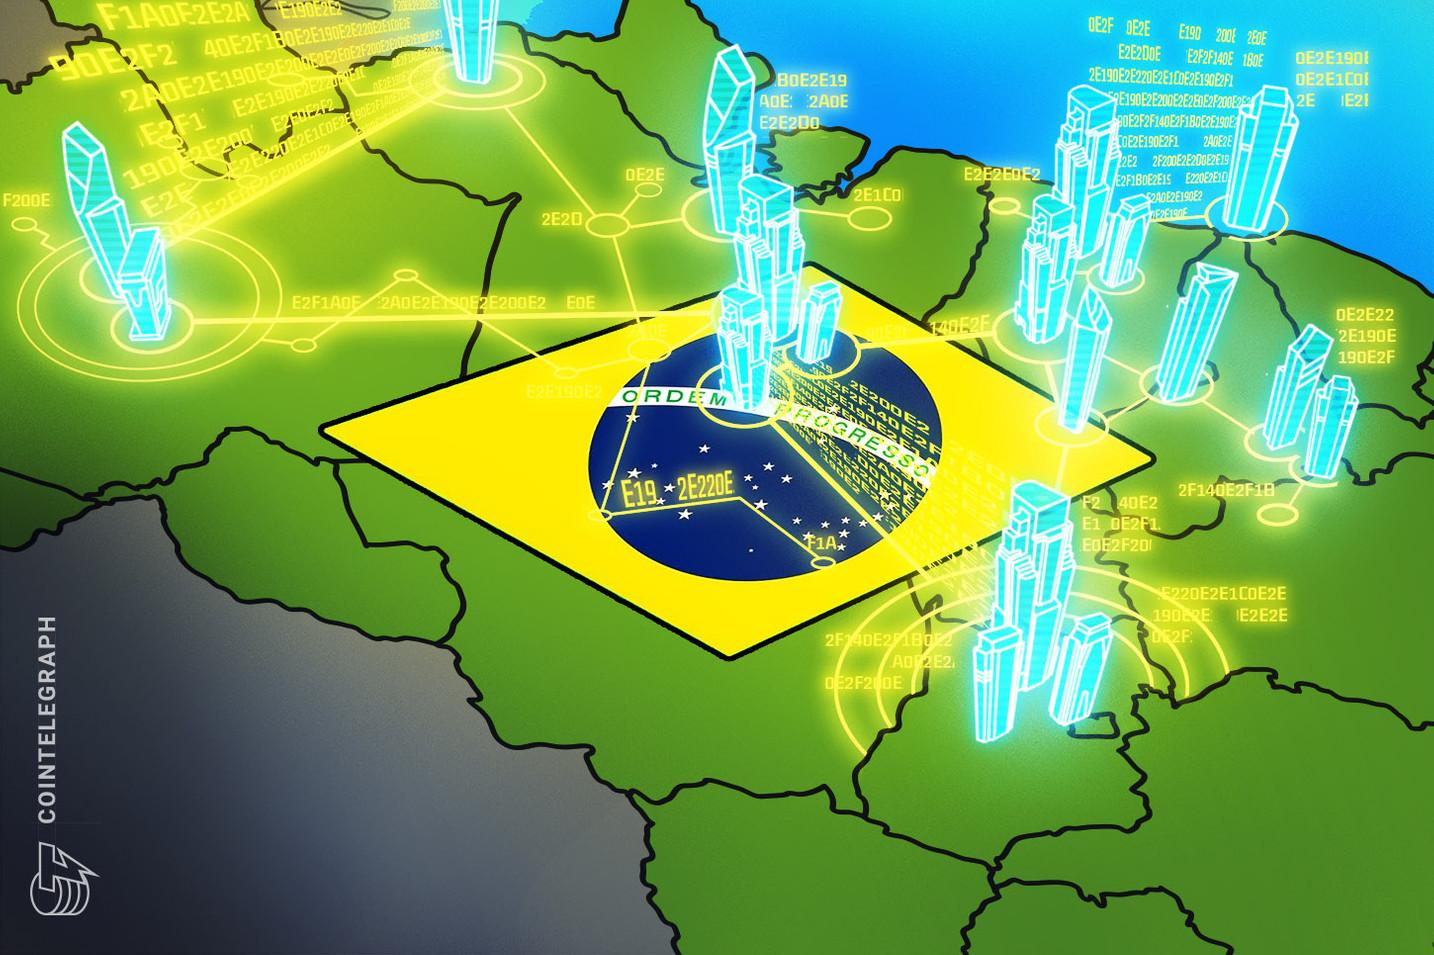 Binance mira expansão no Brasil e agora tem aplicativo e suporte em português para usuários do país